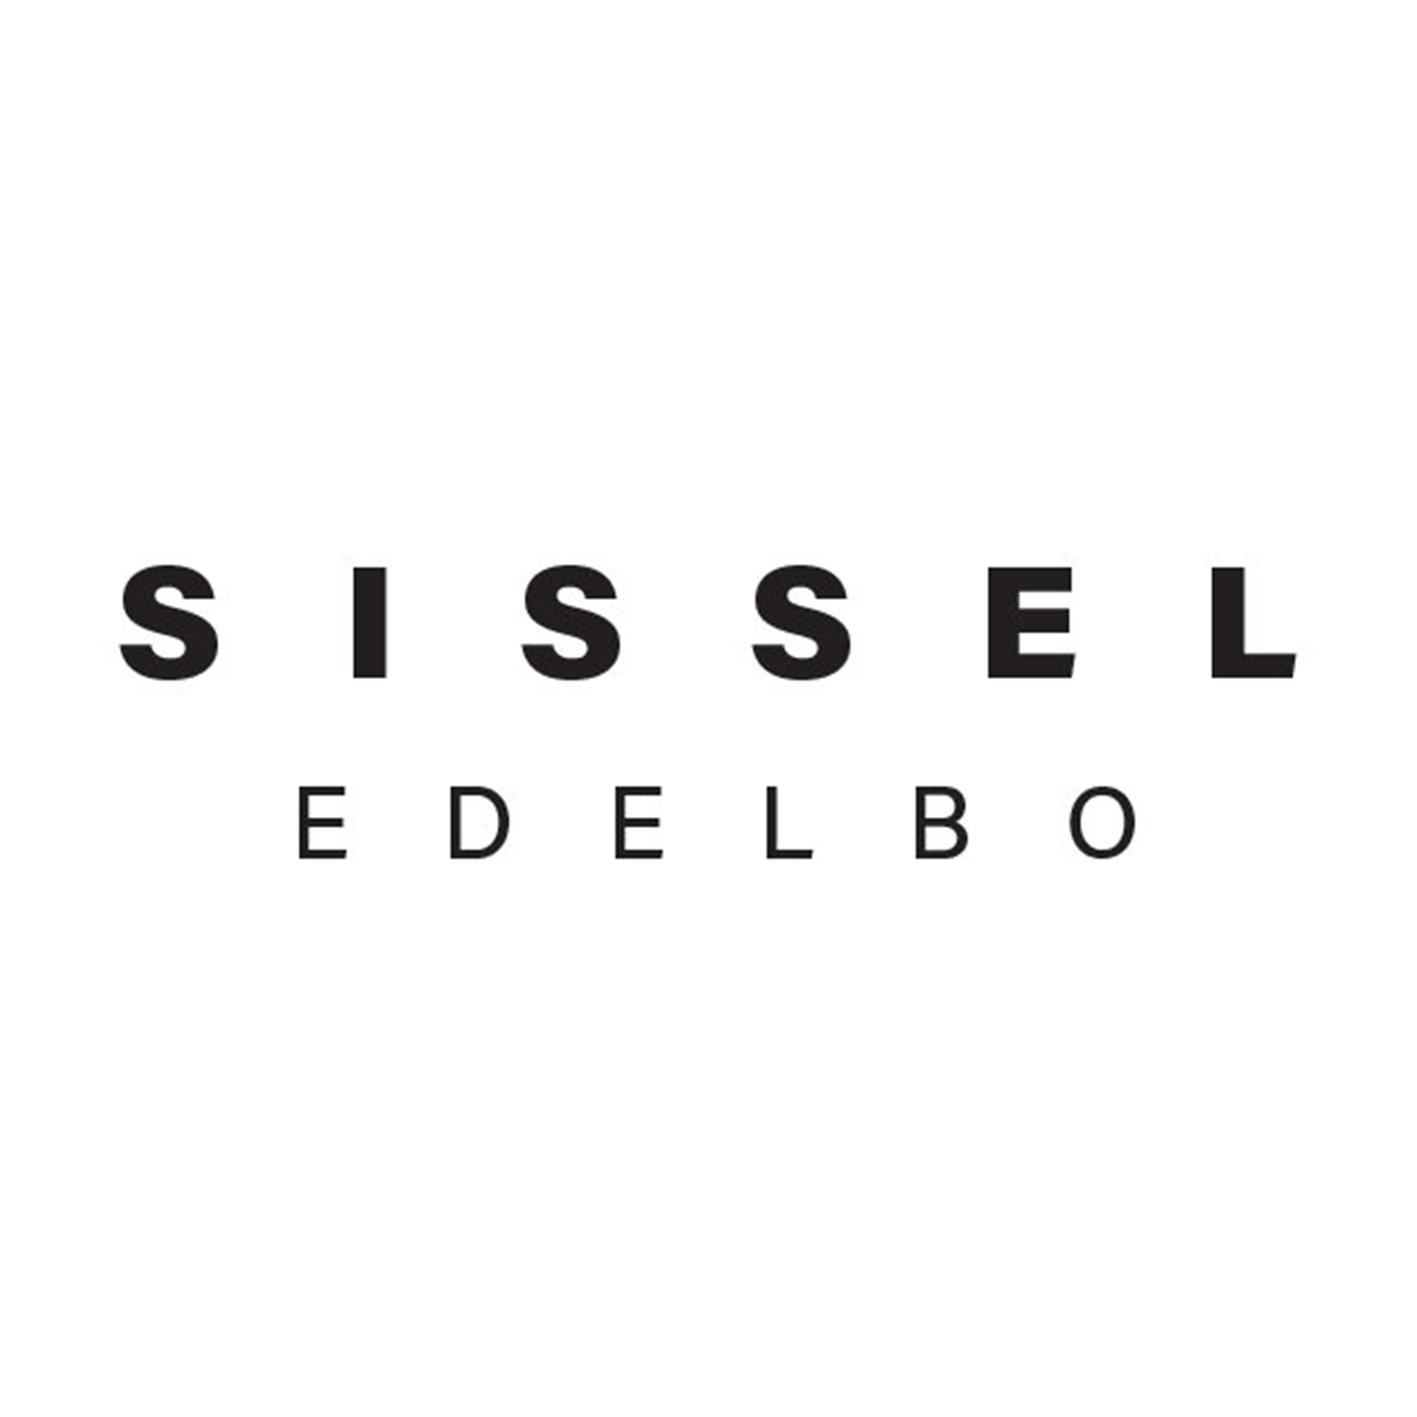 Sissel Edelbo